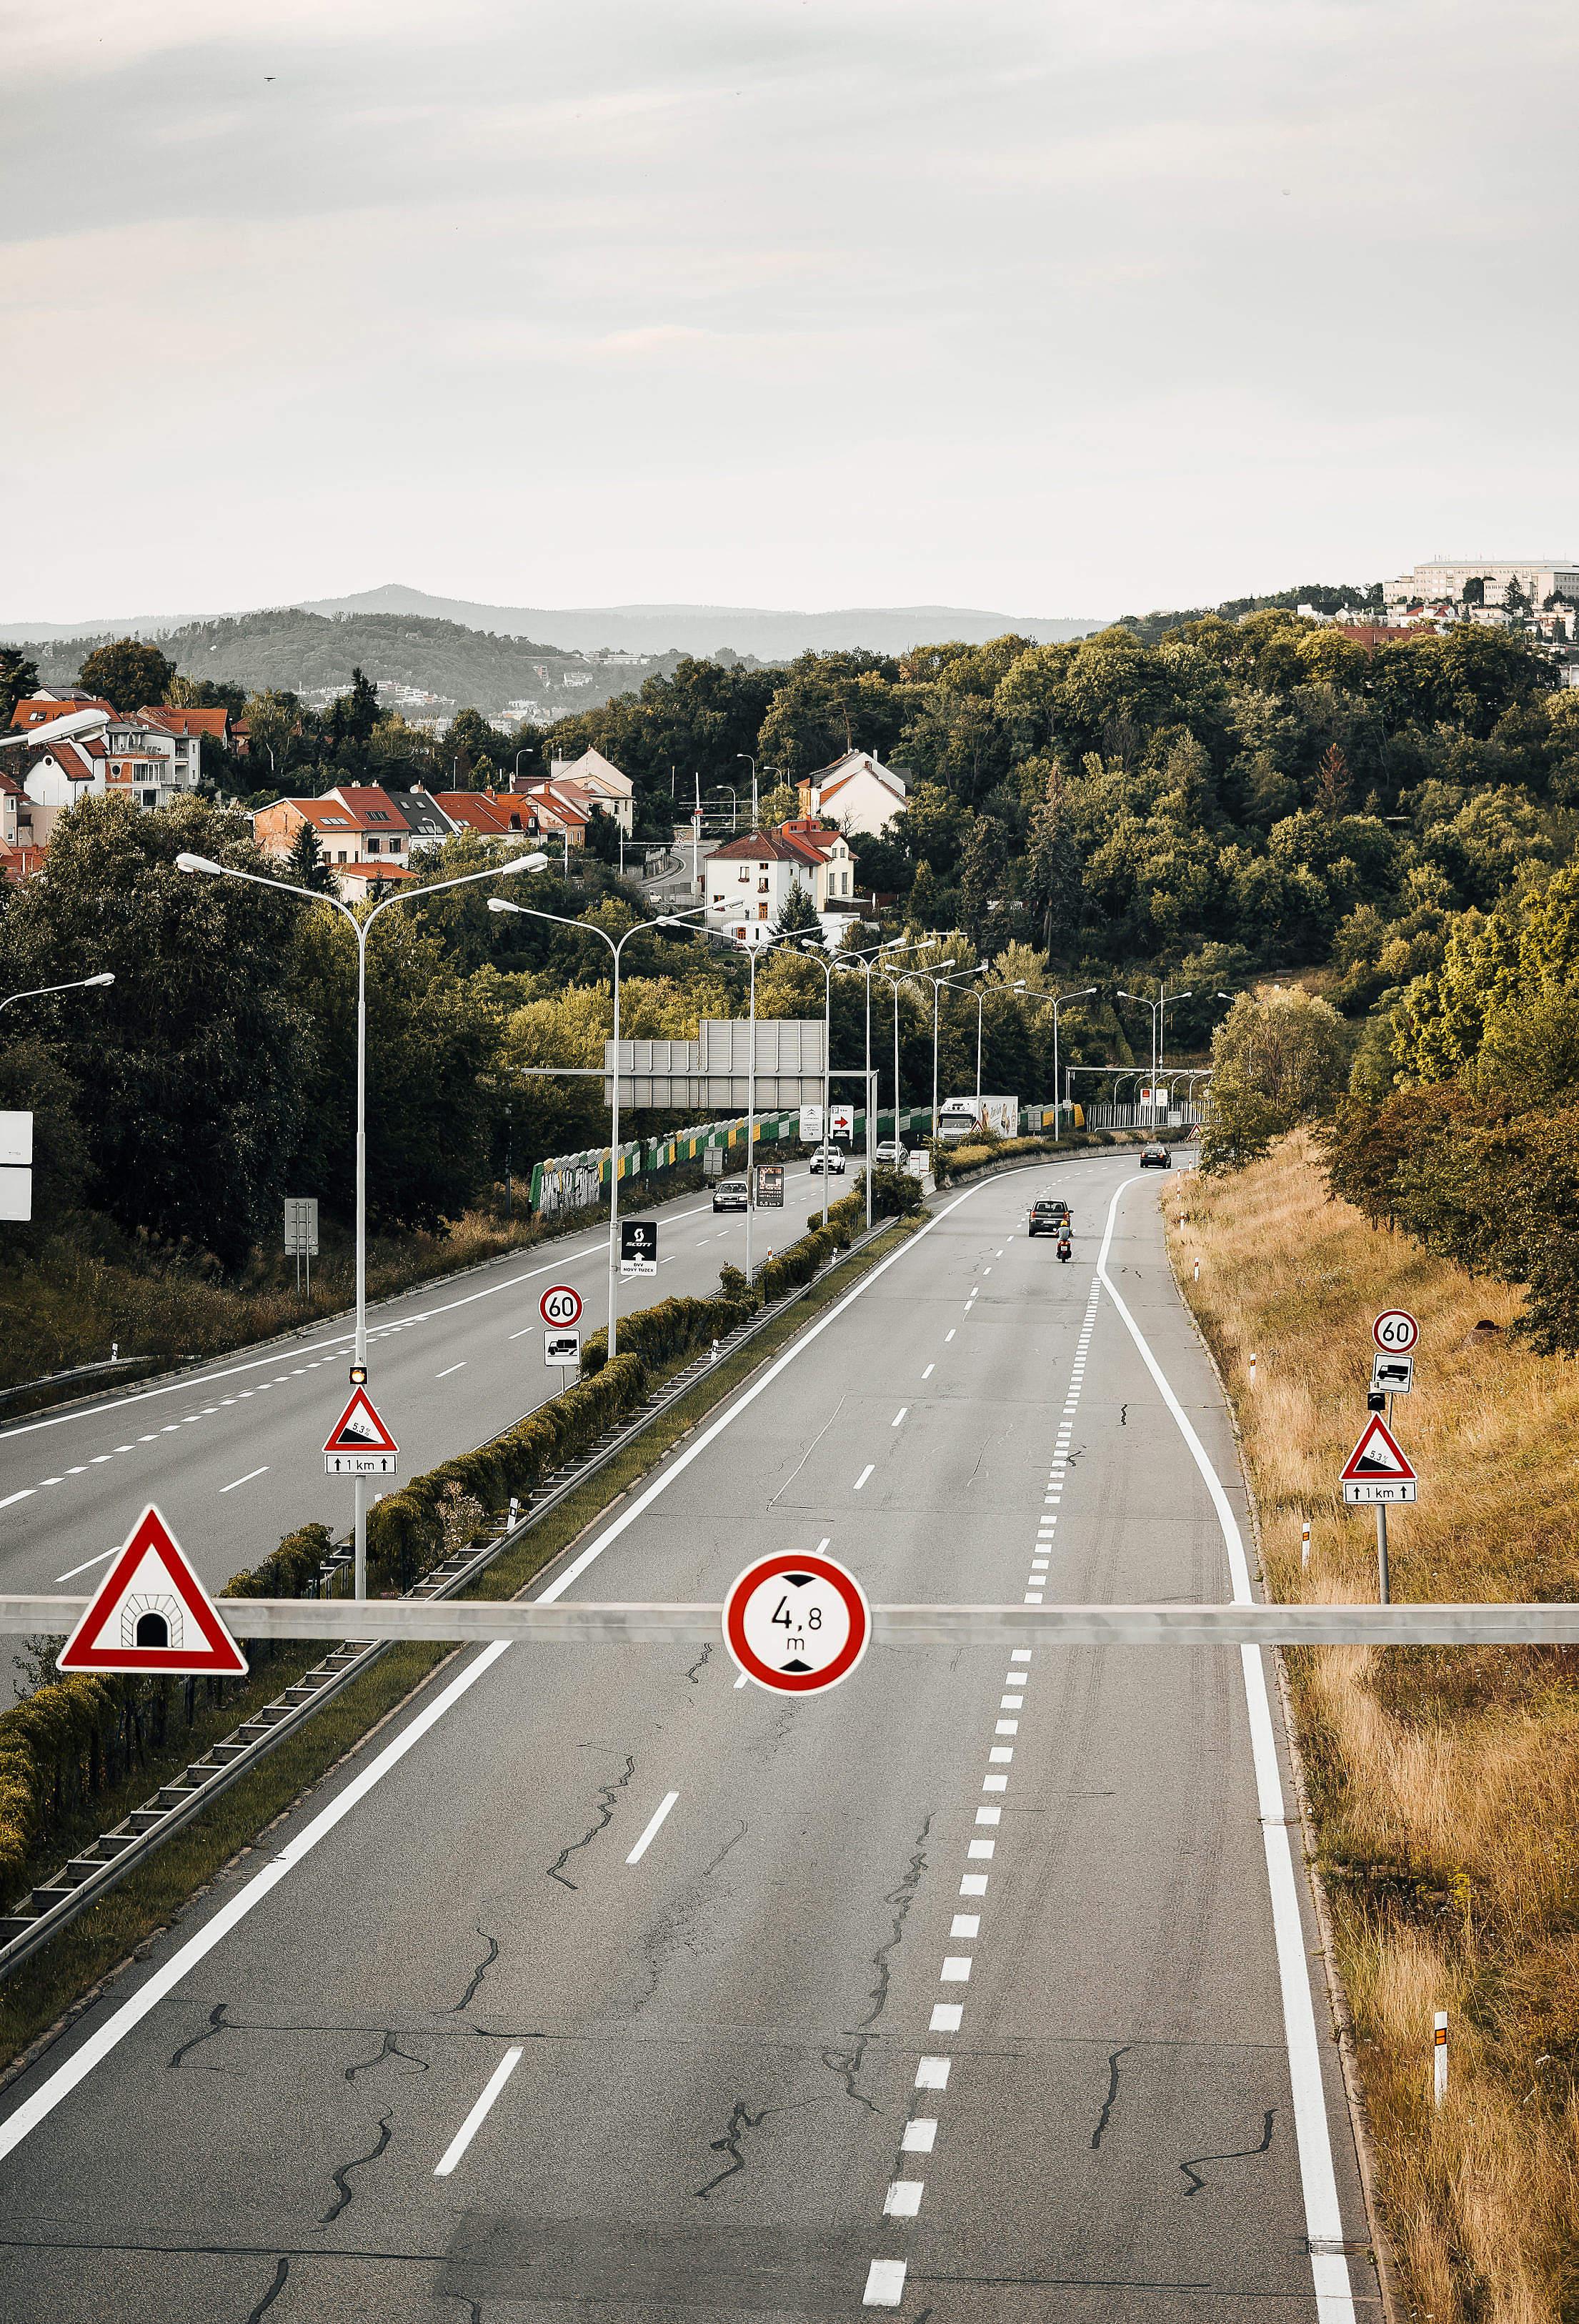 European In-City Four Lane Road Free Stock Photo